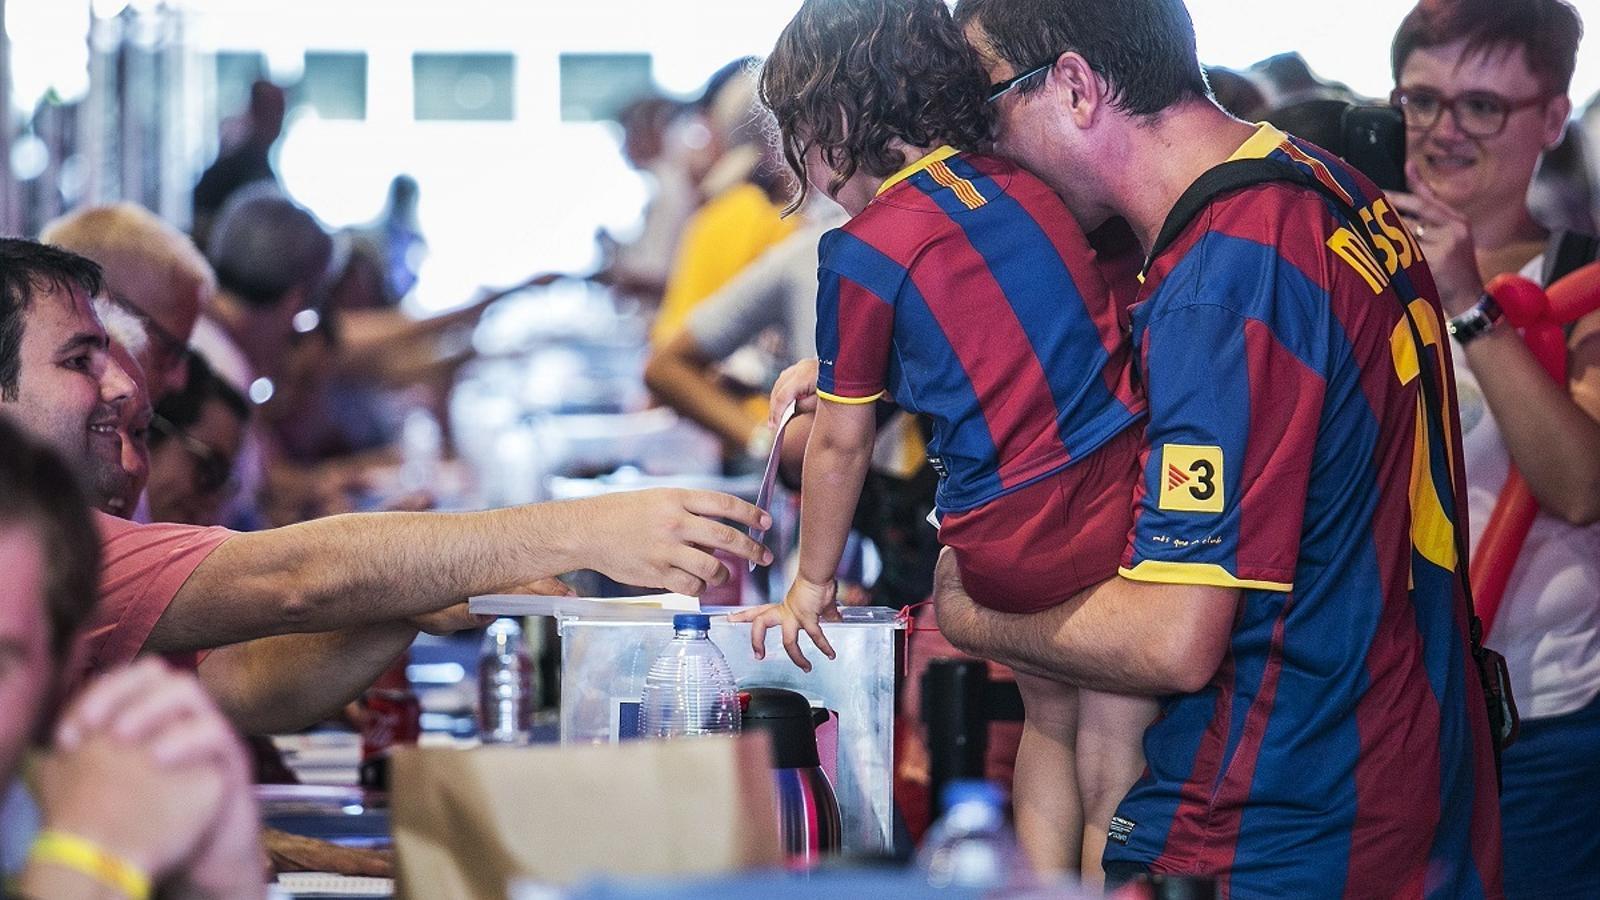 Les eleccions del Barça seran el 24 de gener i descentralitzades